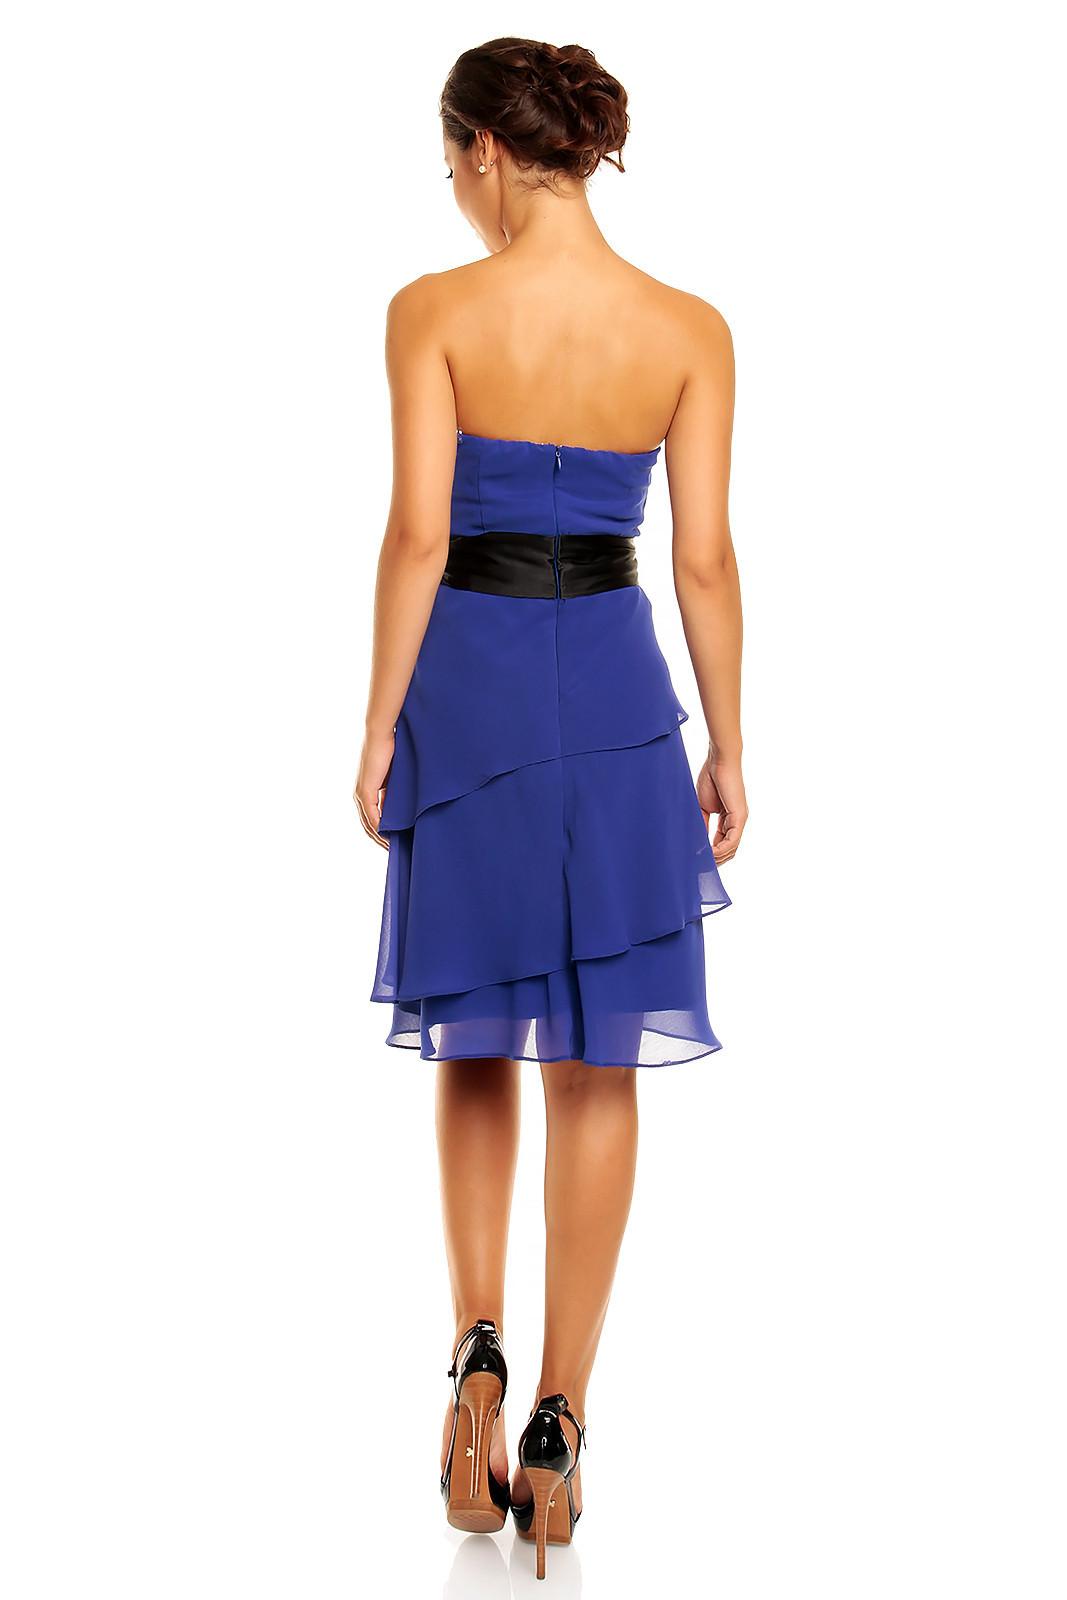 Spoločenské šaty korzetové značkové MAYAADI s mašľou a sukňou s volánmi modré - Modrá - MAYAADI S